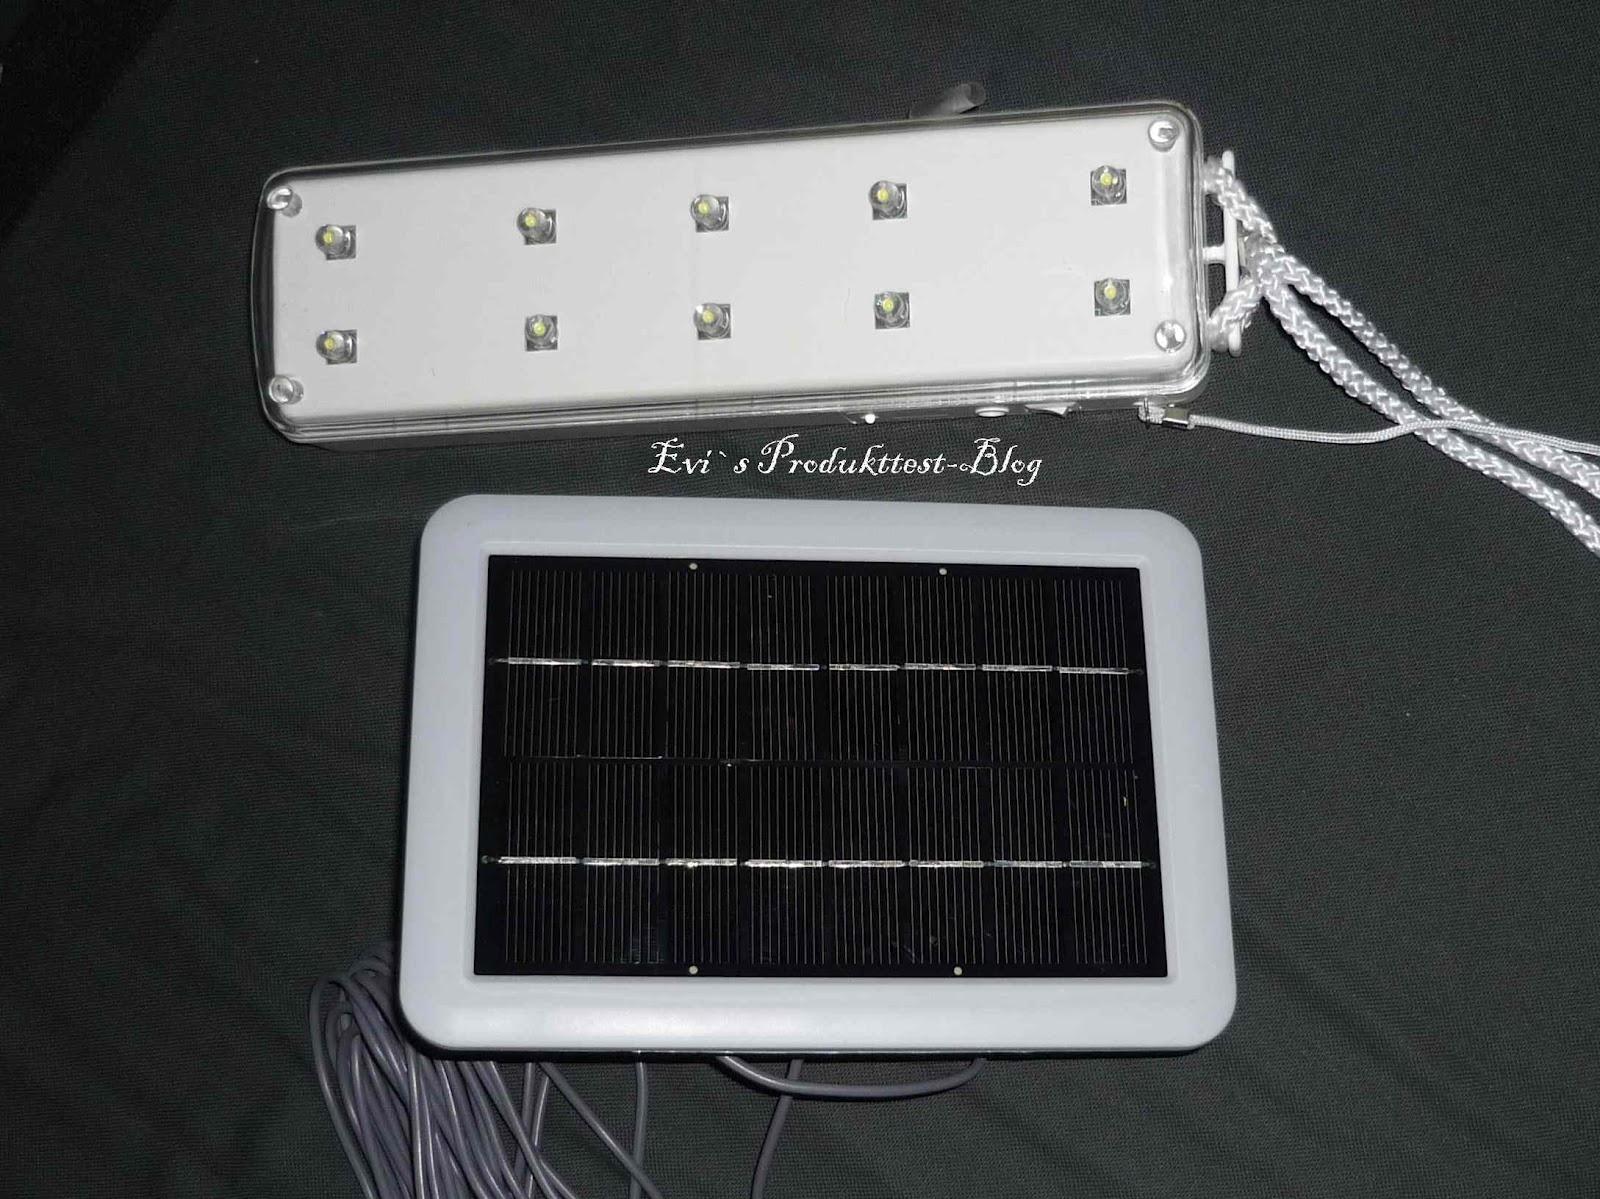 EVI `s Produkttestblog: Traumhafte Beleuchtung auf ...